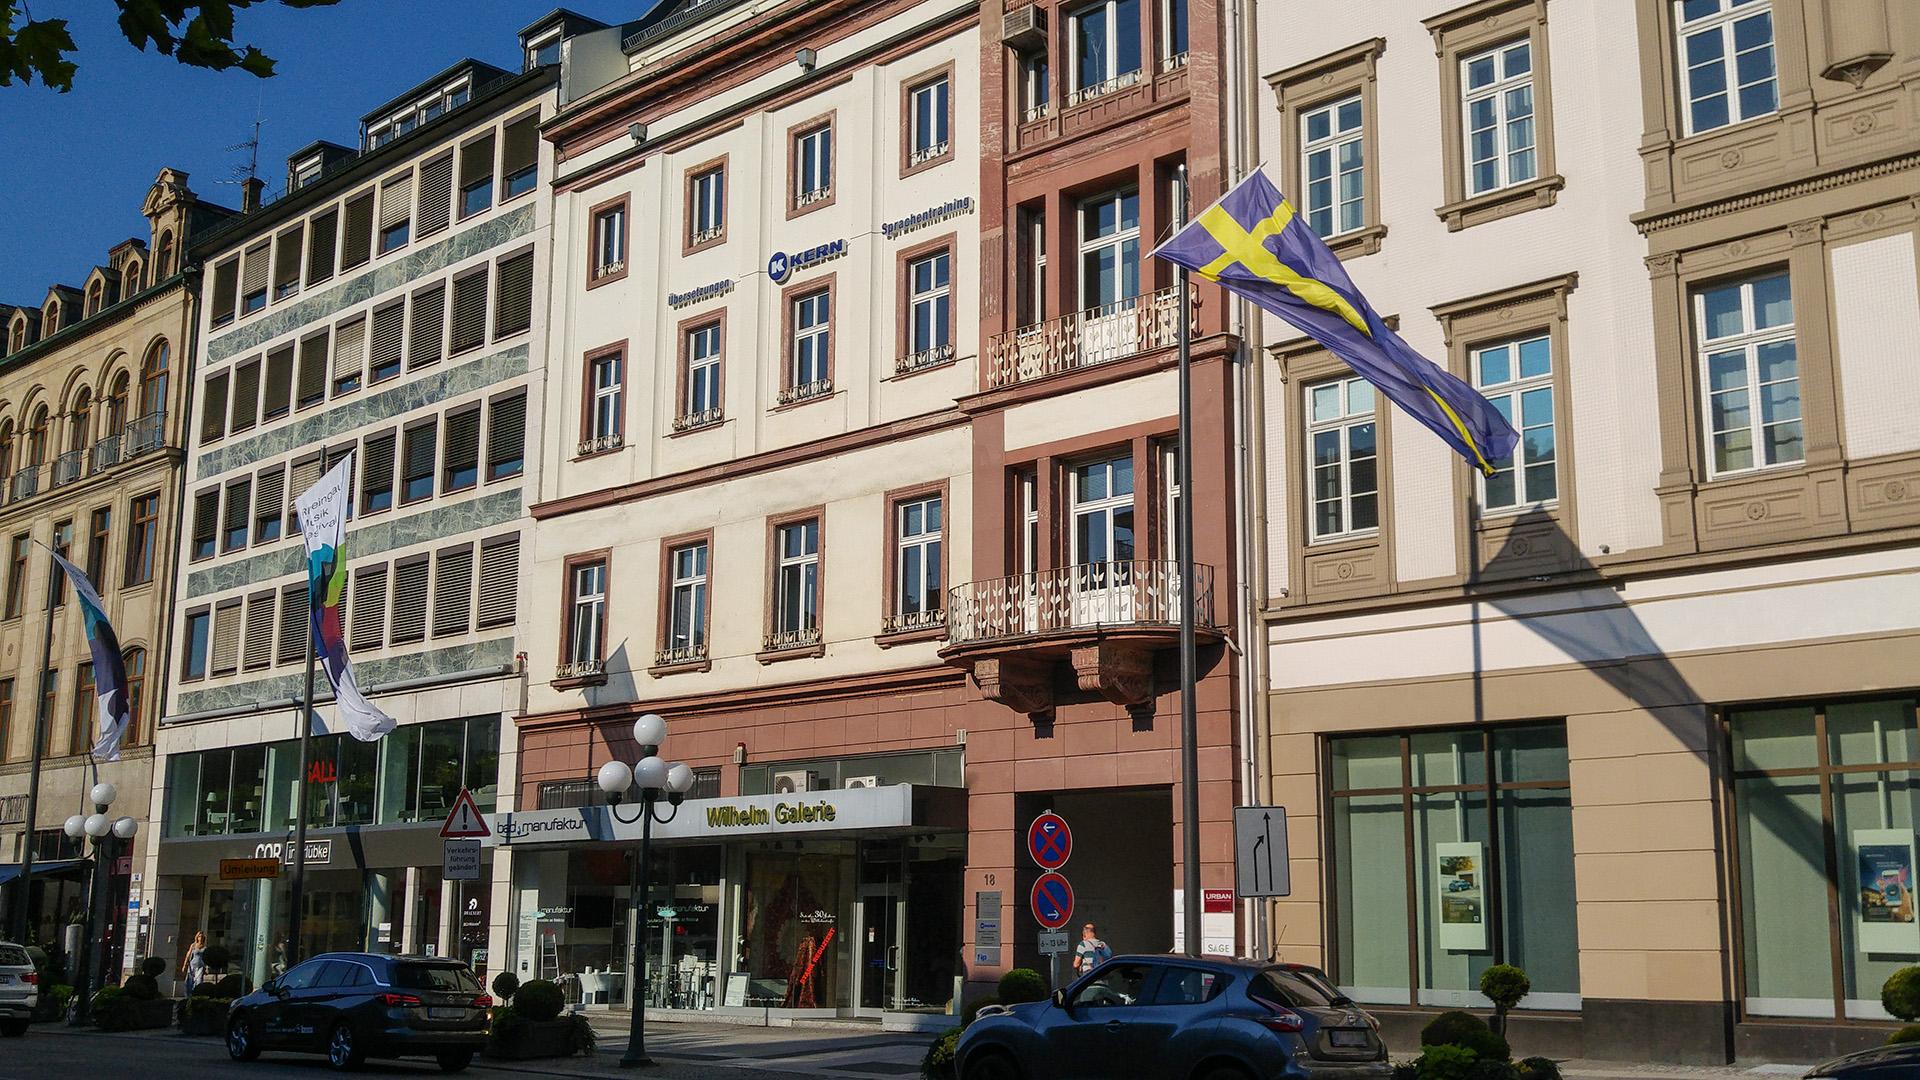 Exterior view of the KERN language school Wiesbaden